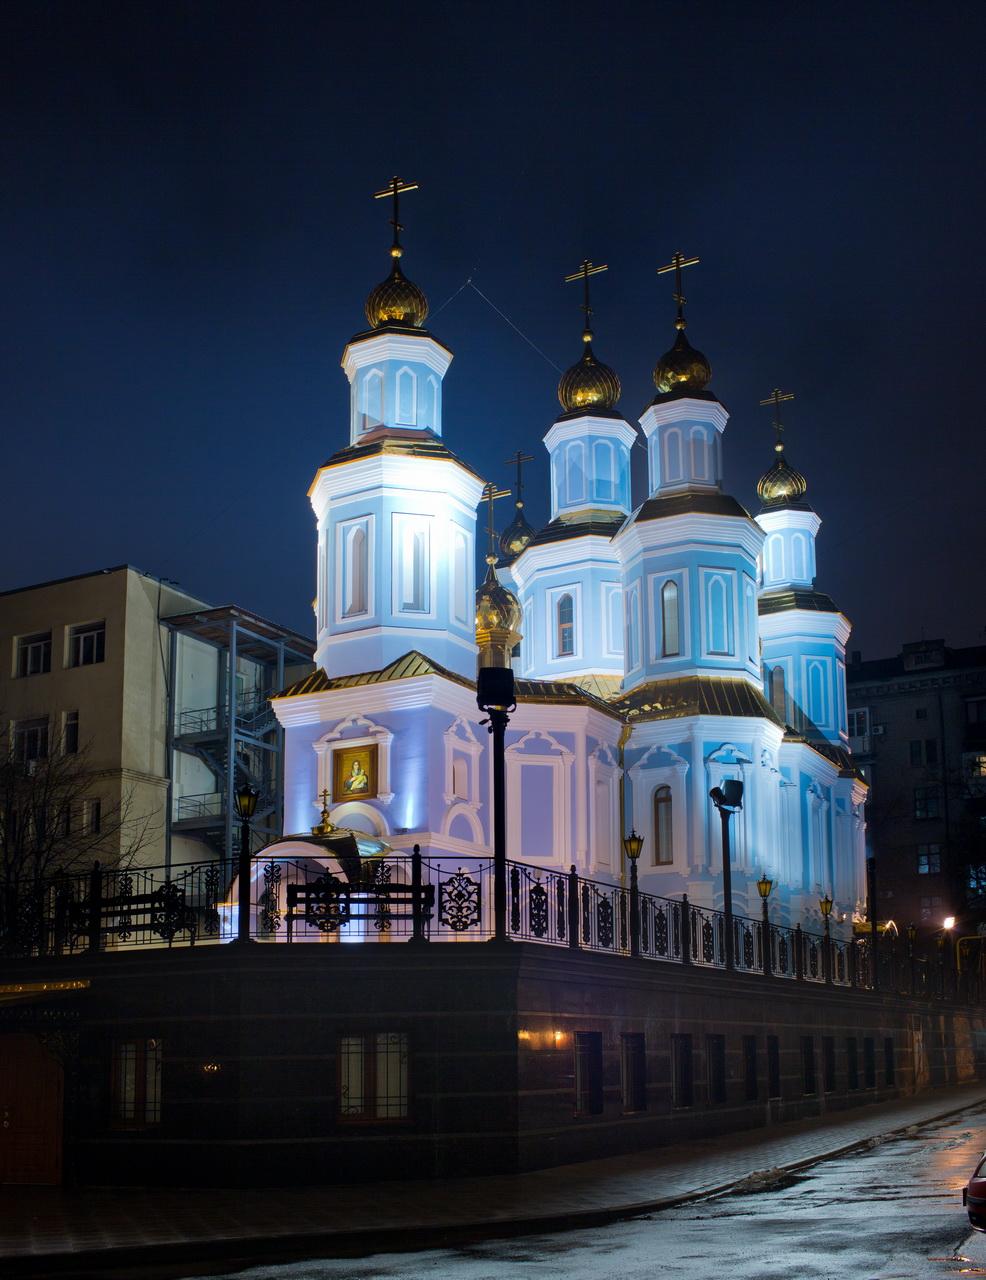 Архитектурное освещение храма в честь иконы Козельщанской Божьей Матери выполнено на оборудовании Schreder